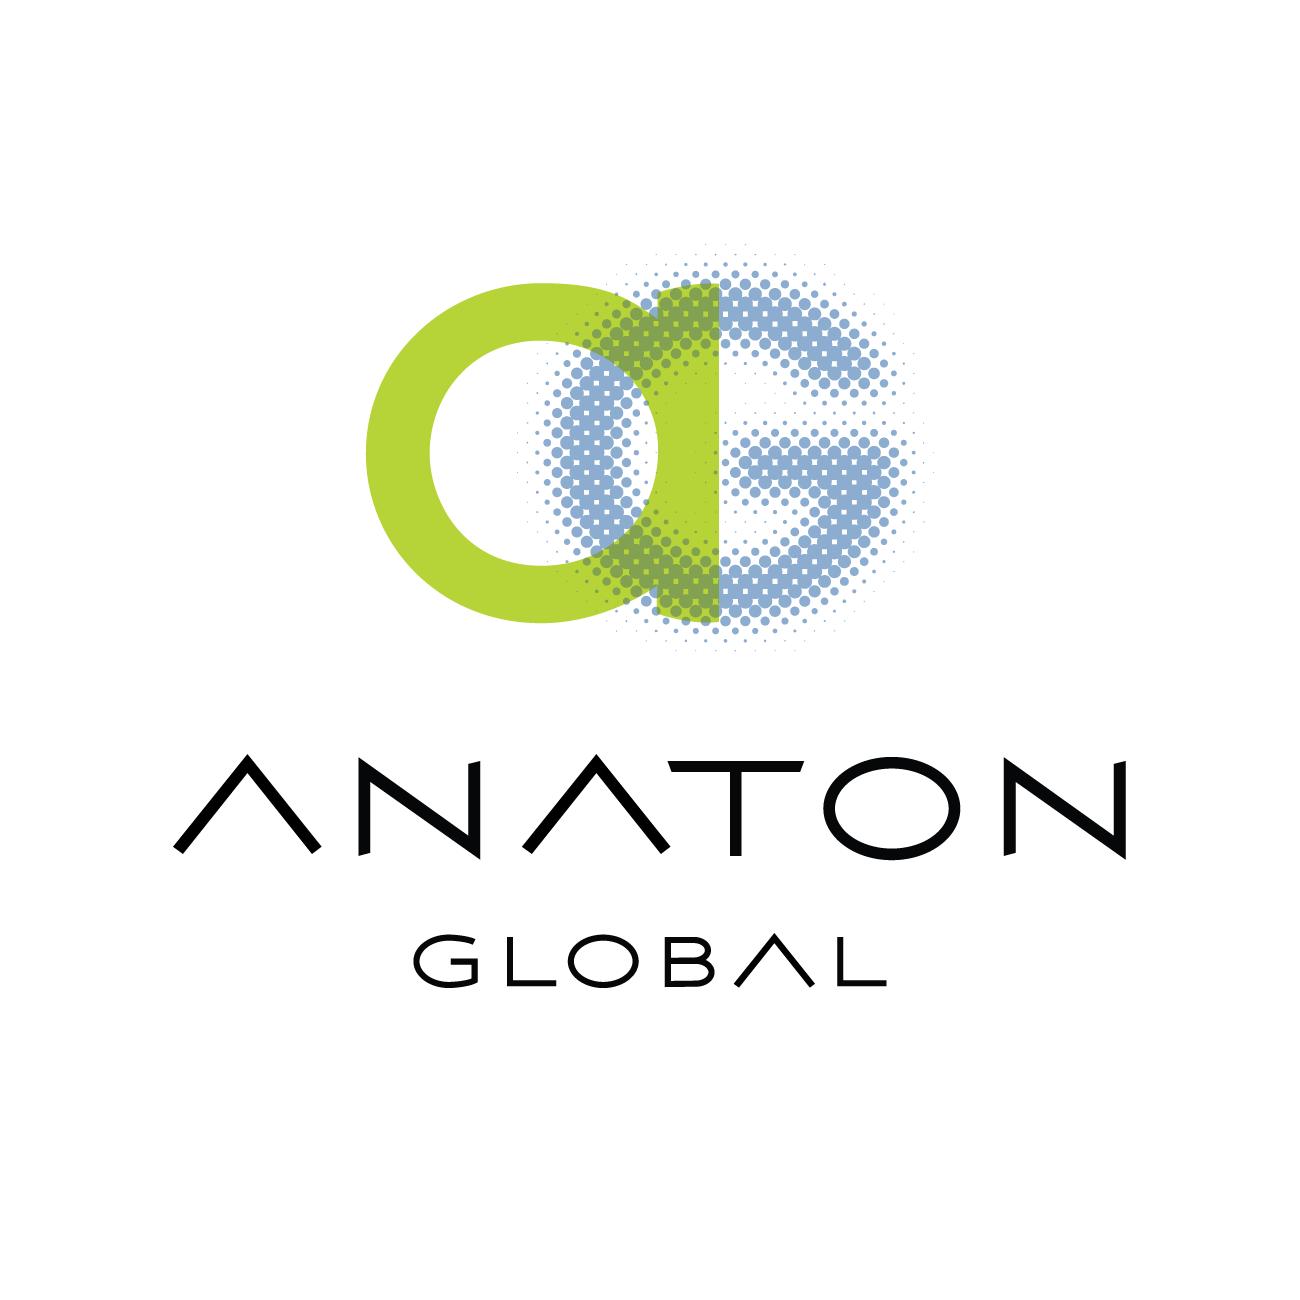 Anaton Global